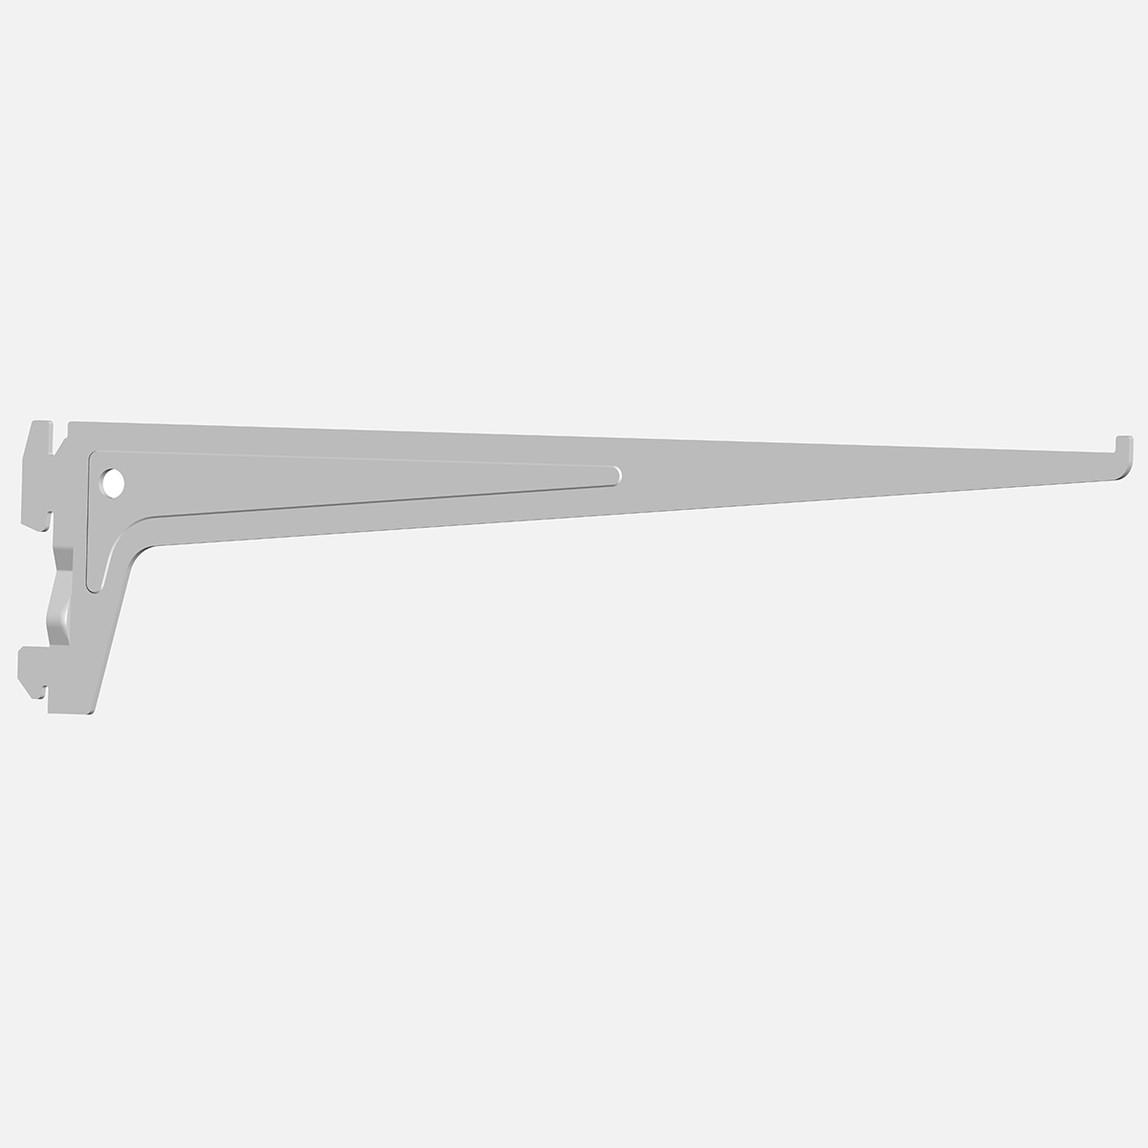 Raf Taşıyıcı Kol, EL50, 350mm, beyaz